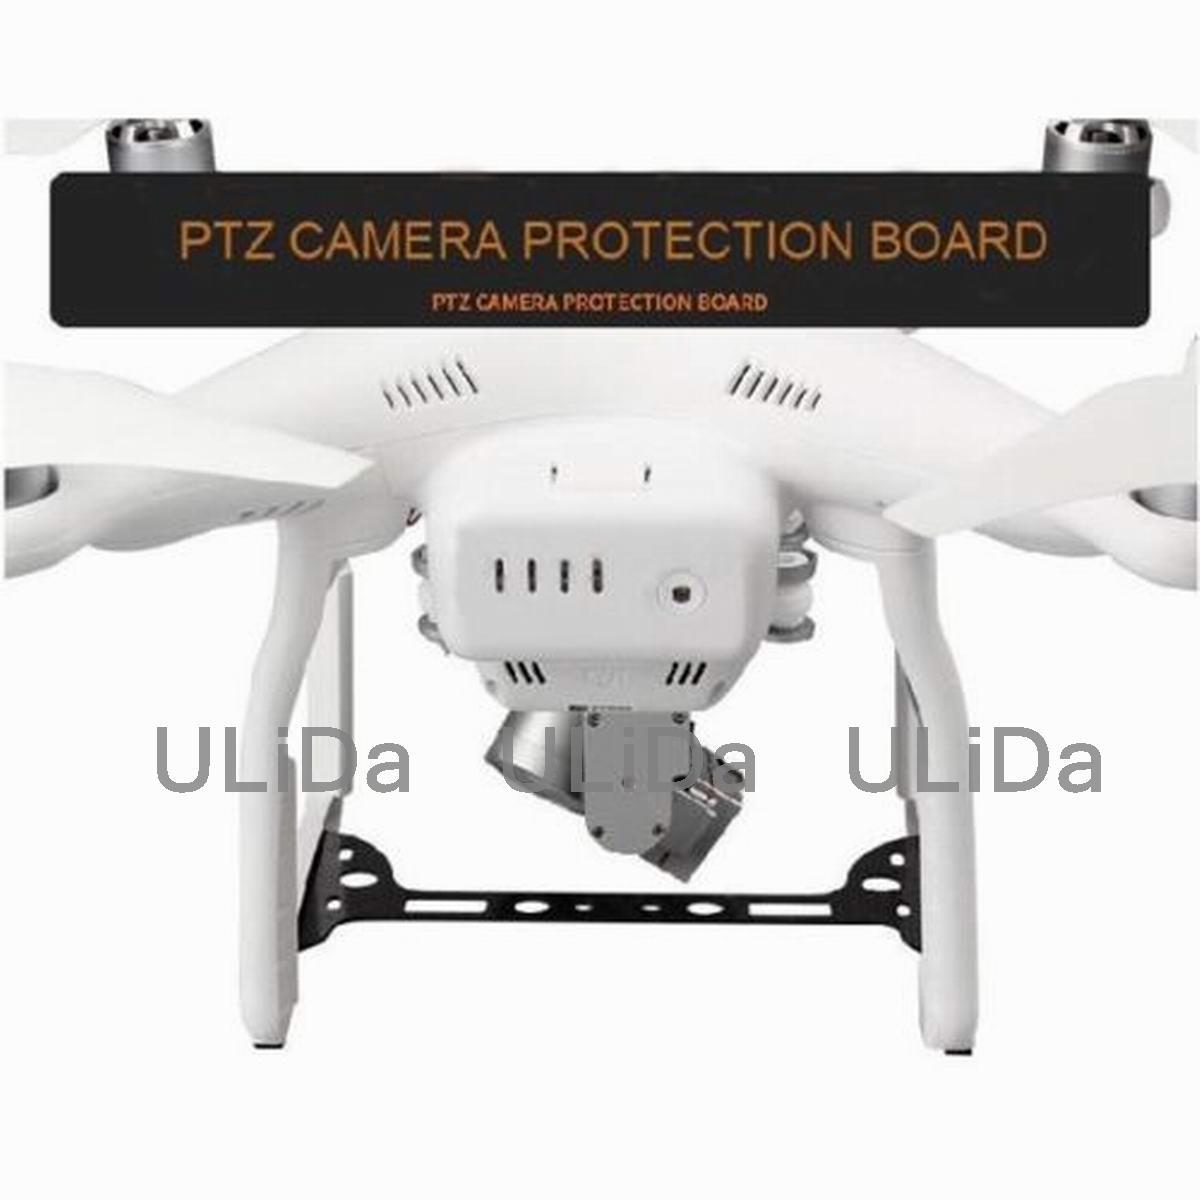 Light Carbon Fiber Camera Gimbal Guard Fr DJI Phantom 3 2 Gimbal Protector Plate